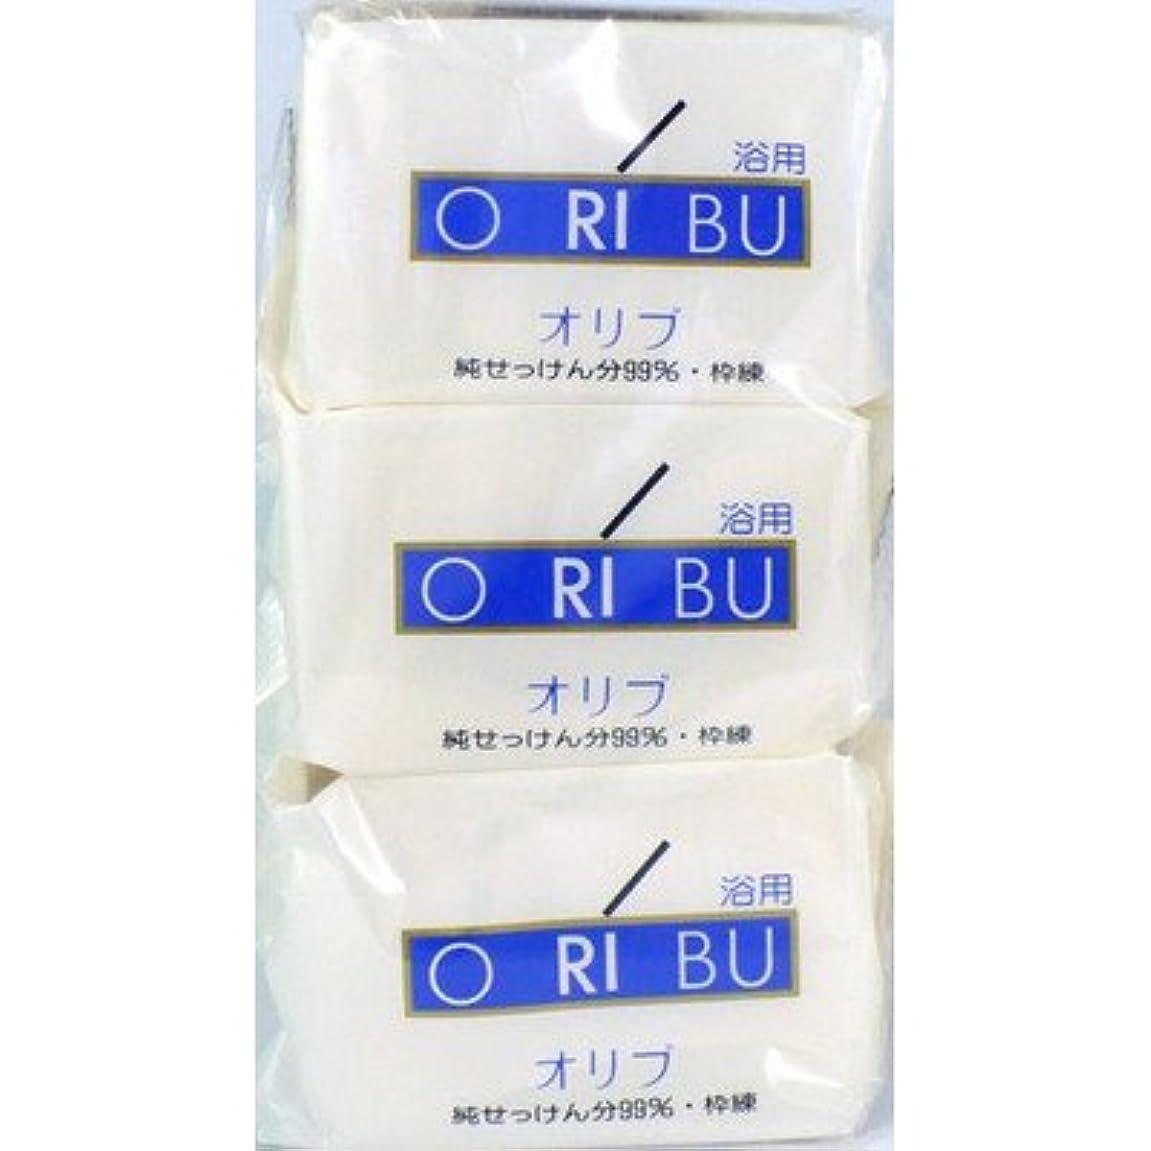 飾る乳白色十分暁石鹸 ORIBU オリブ 浴用石鹸 110g 3個入り